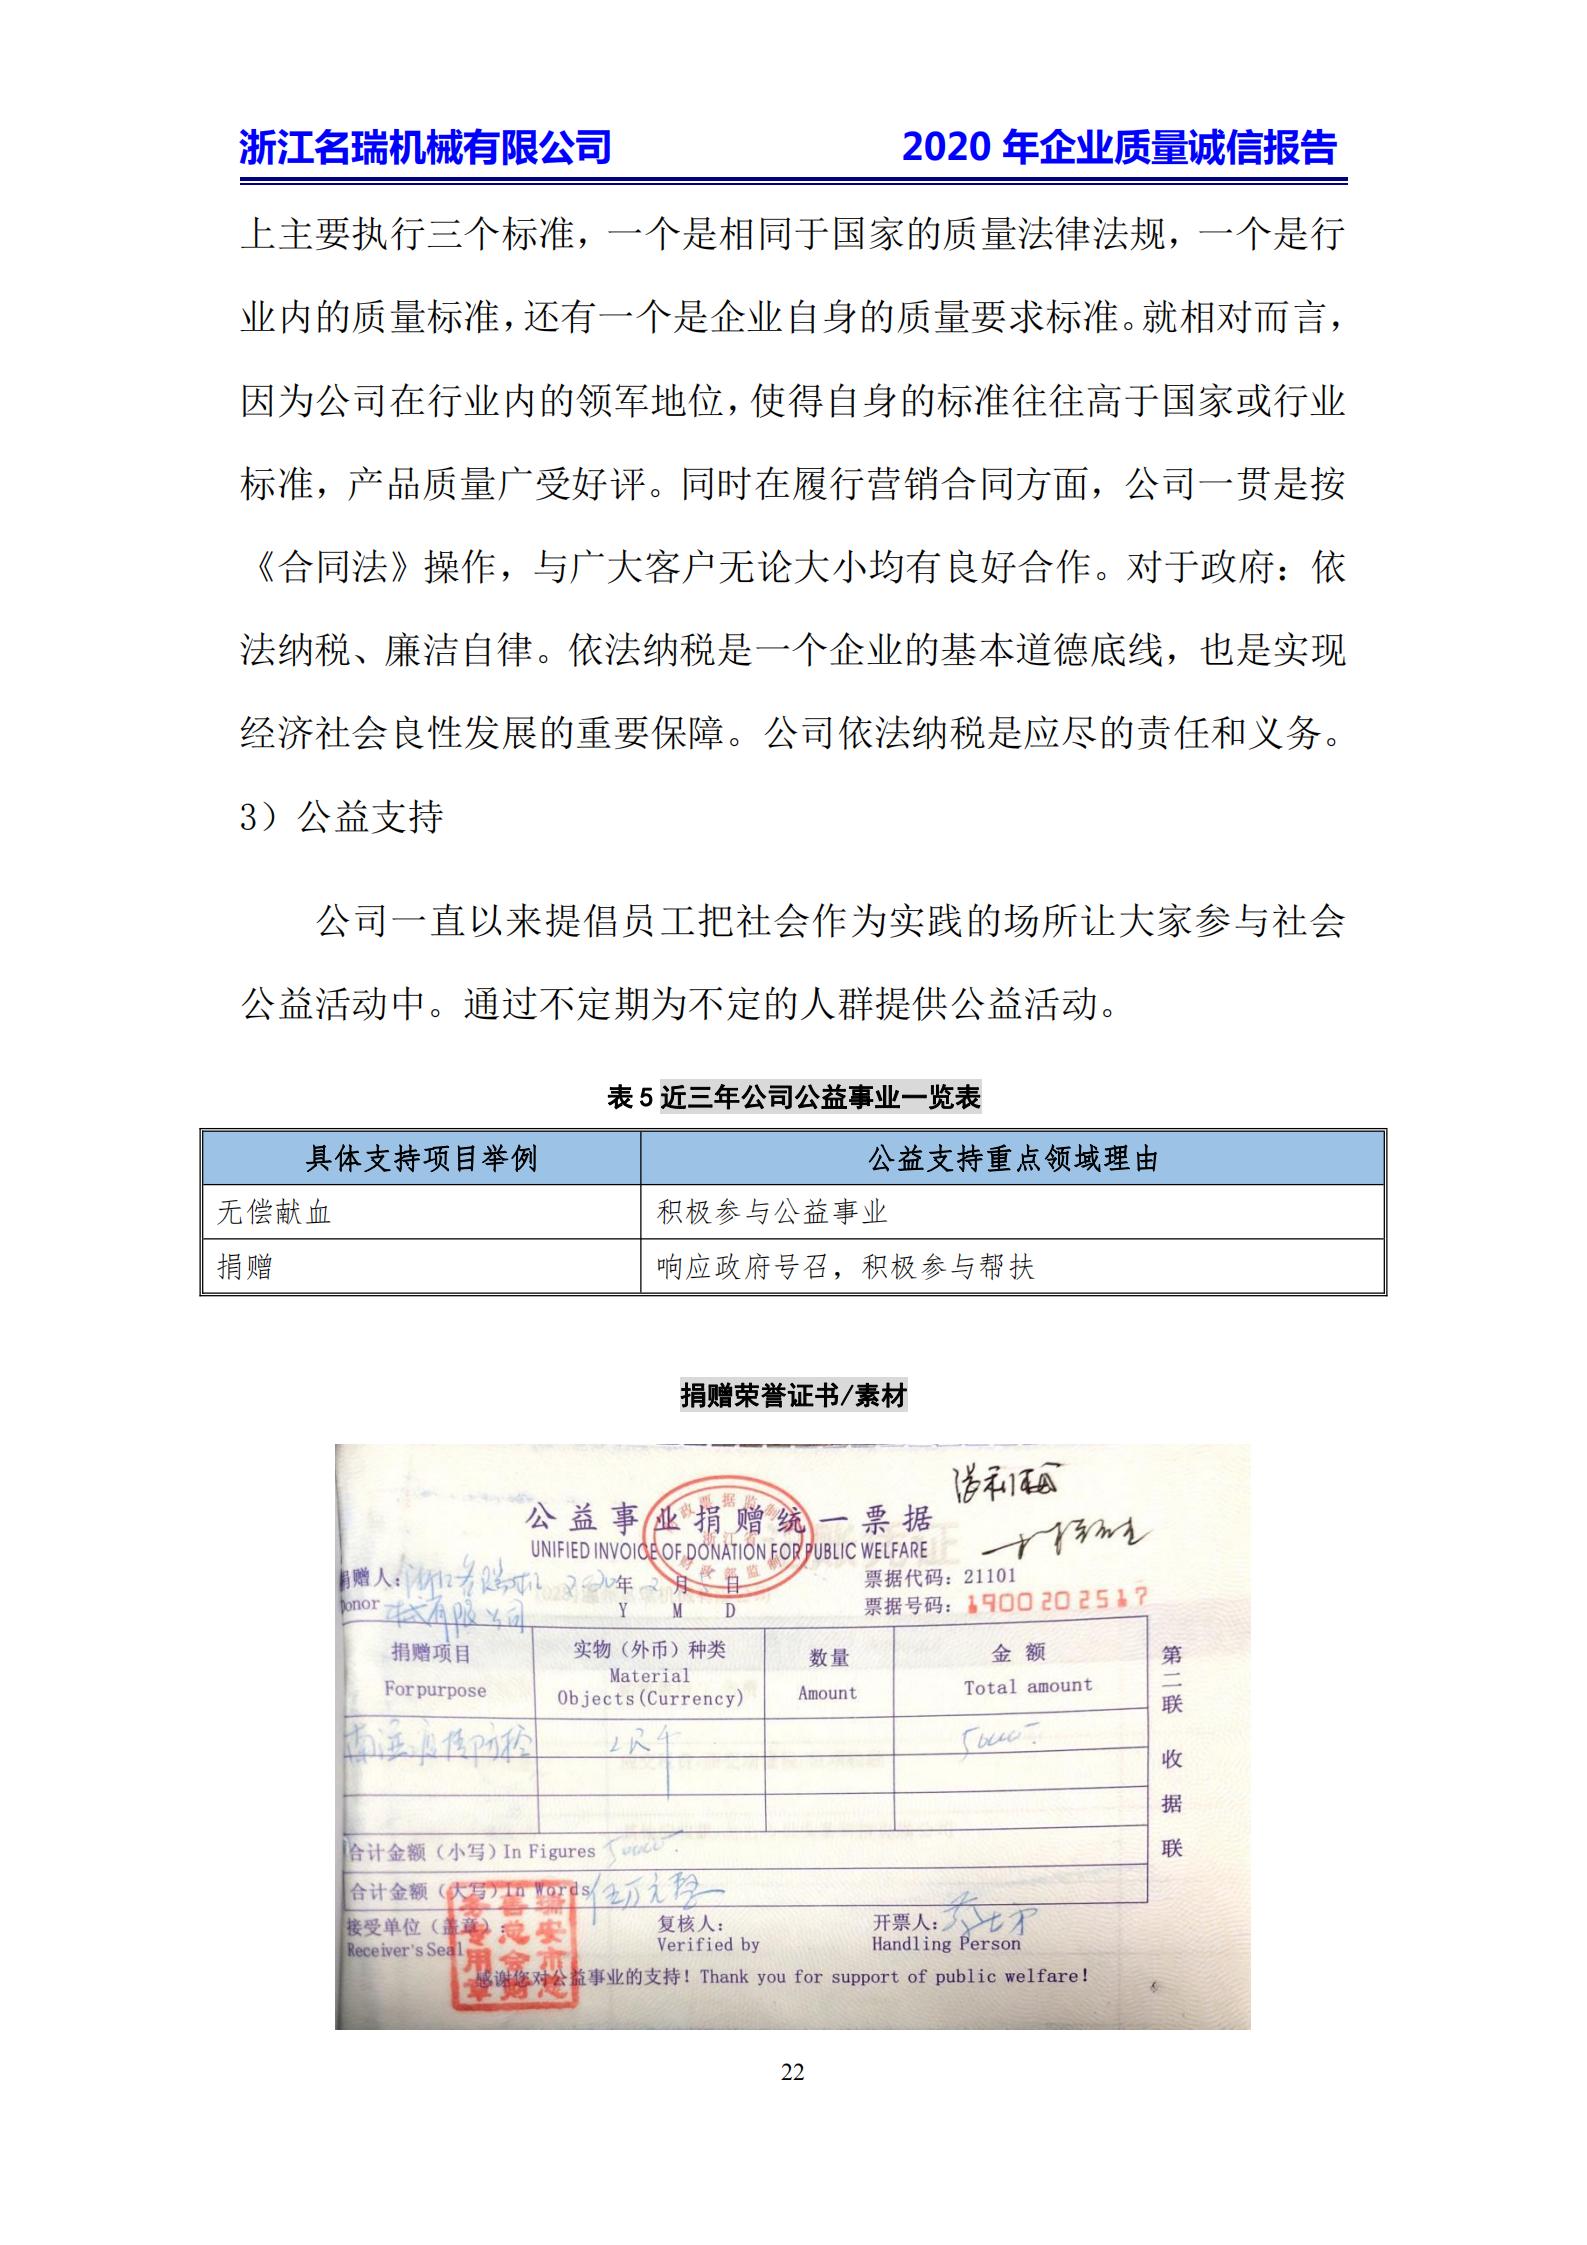 浙江名瑞-2020年企业质量诚信报告